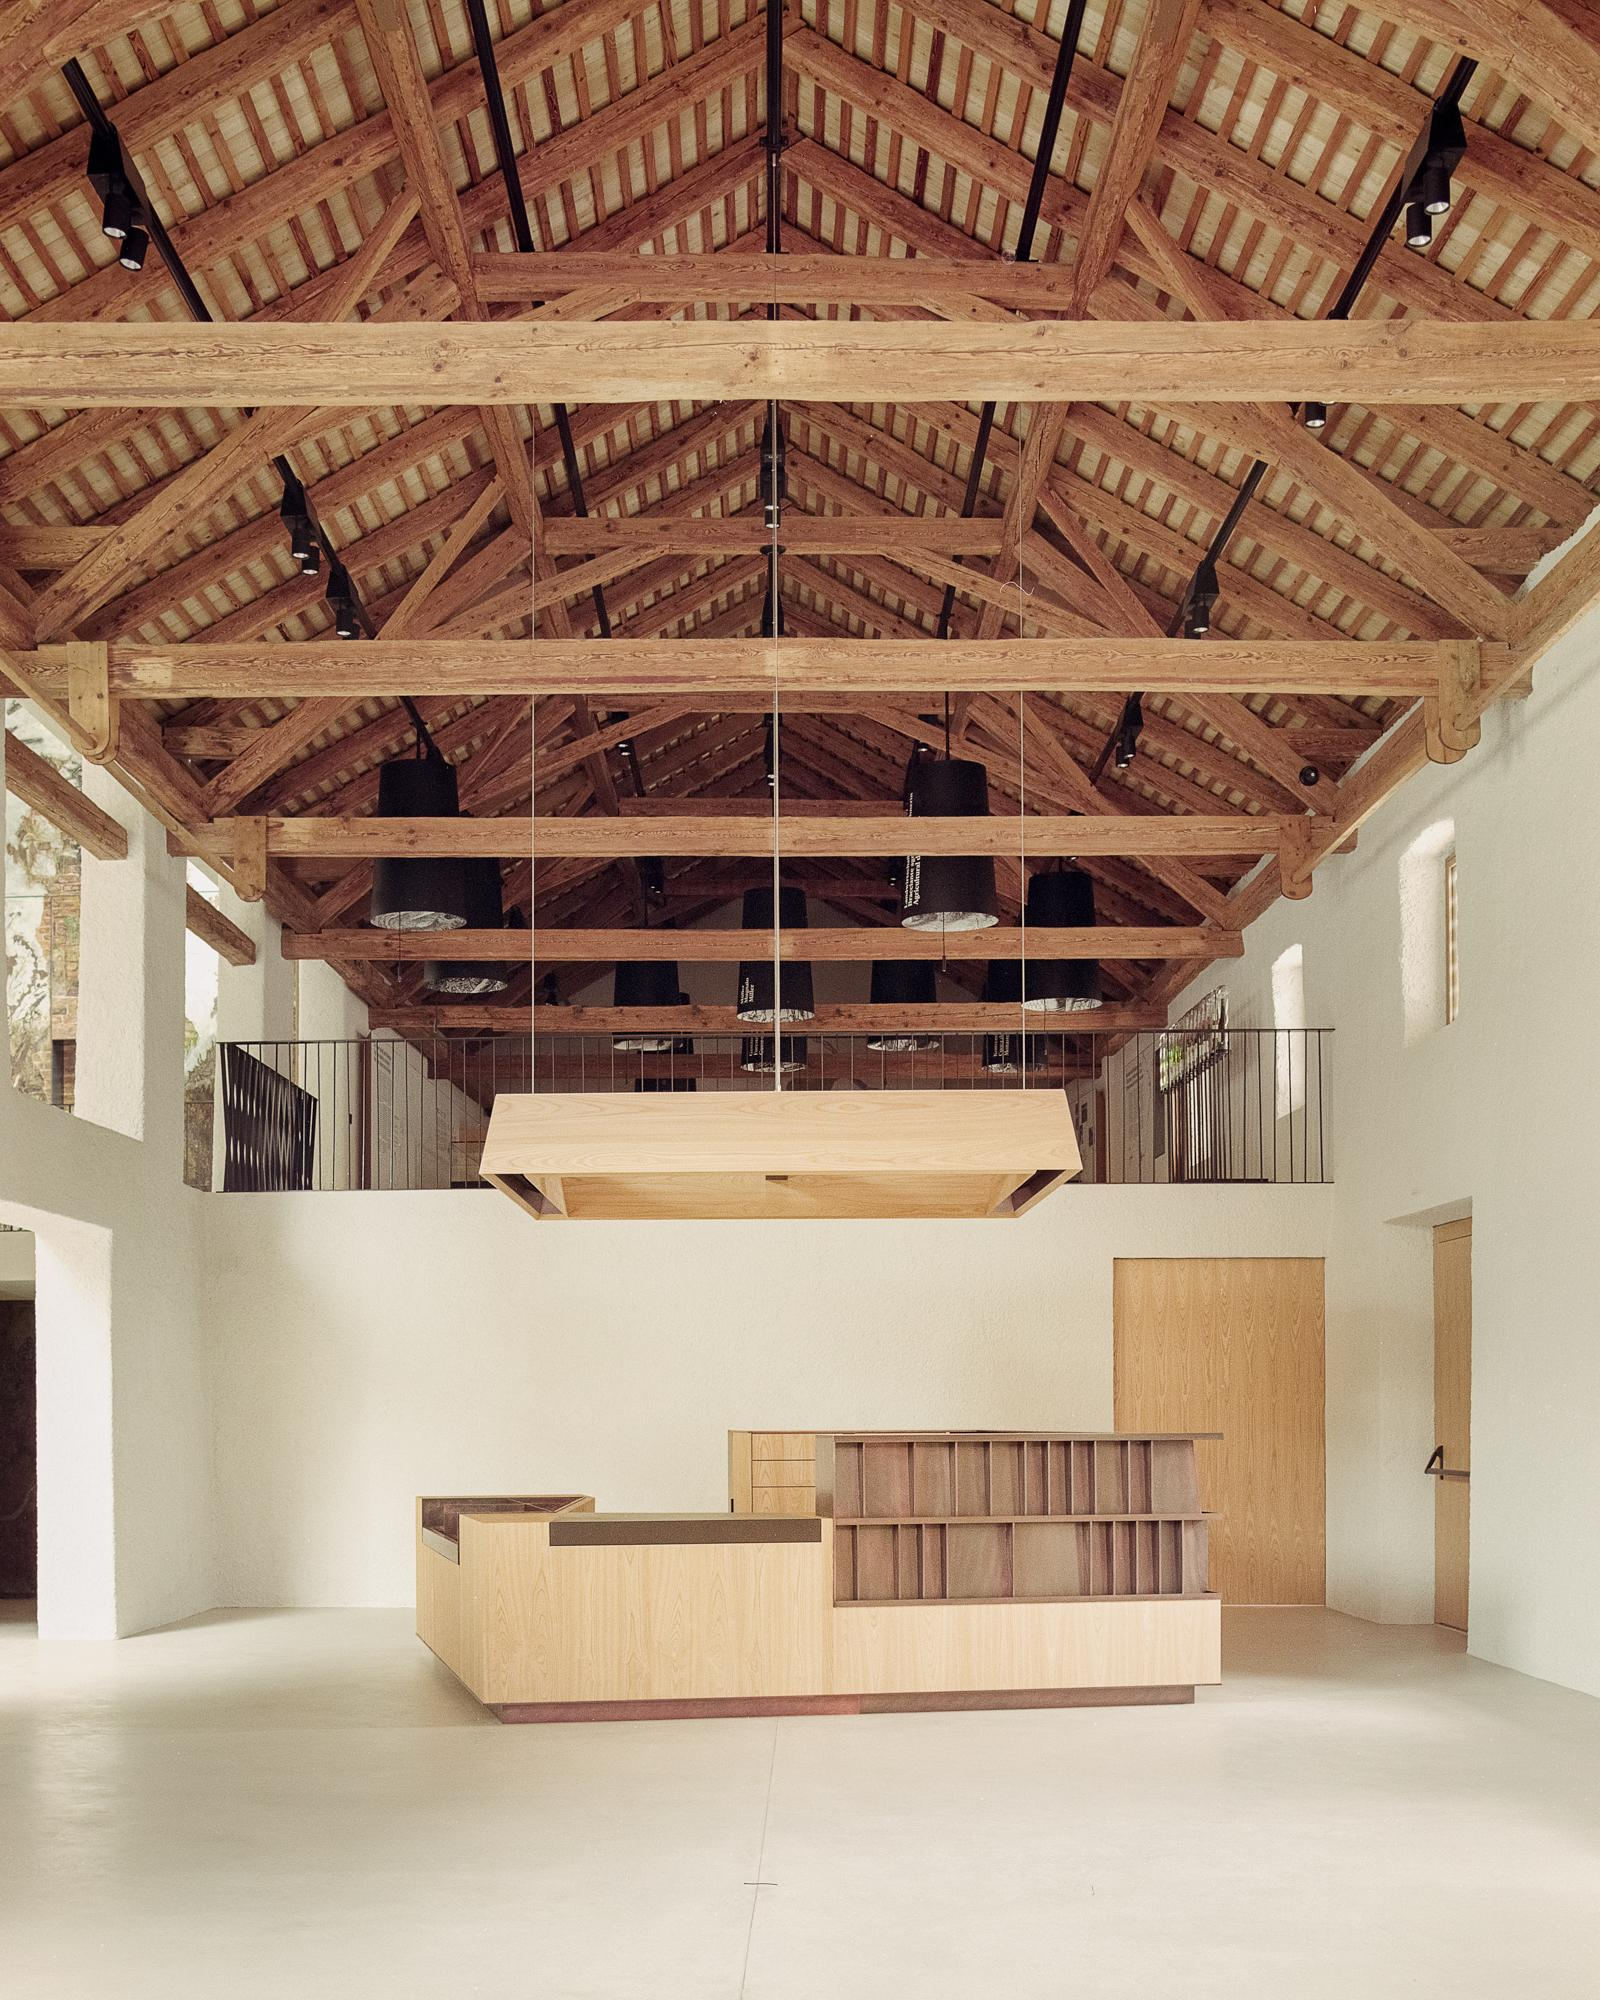 7_Novacella Abbey Museum Addition_MoDusArchitects ©Simone Bossi